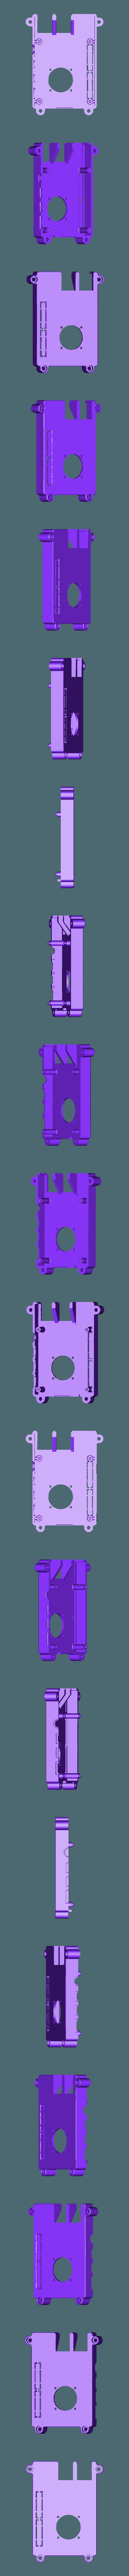 STANDARD_25MM_BLANK.STL Télécharger fichier STL gratuit Étui Pi 4B Framboise Framboise • Objet pour imprimante 3D, mkellsy